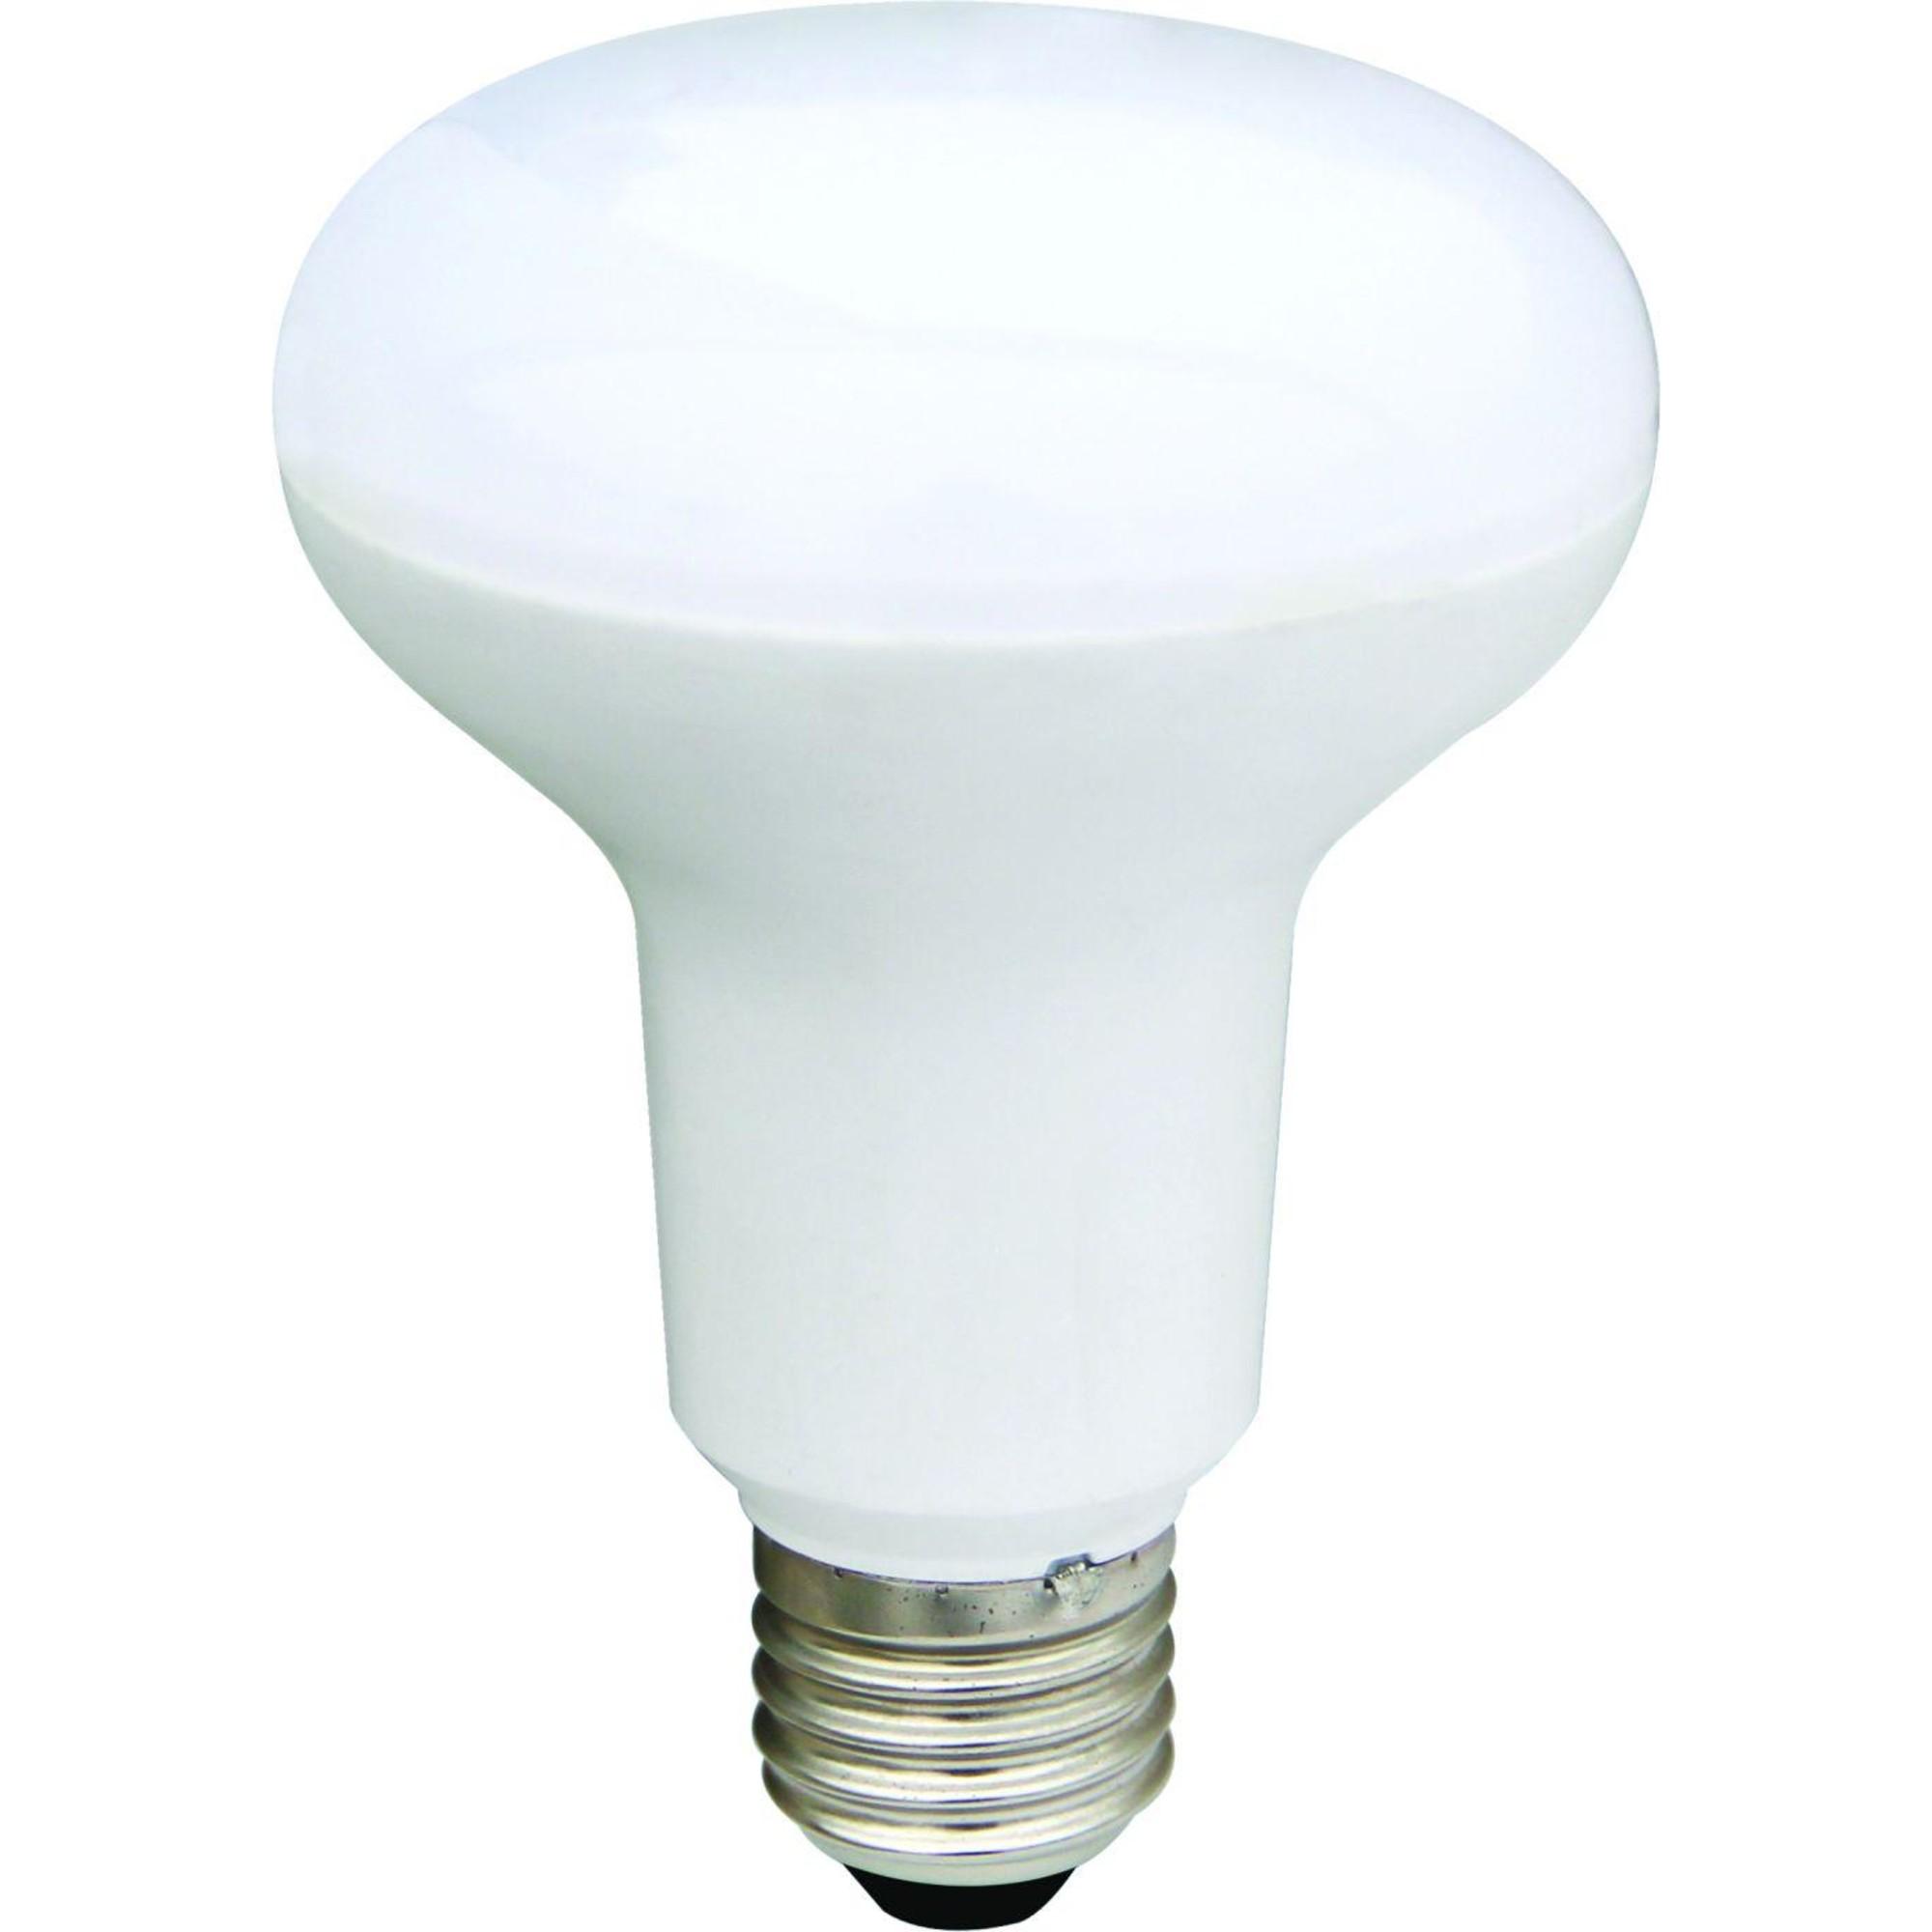 Лампа Ecola Premium светодионая E27 12 Вт рефлекторная 1080 Лм холодный свет